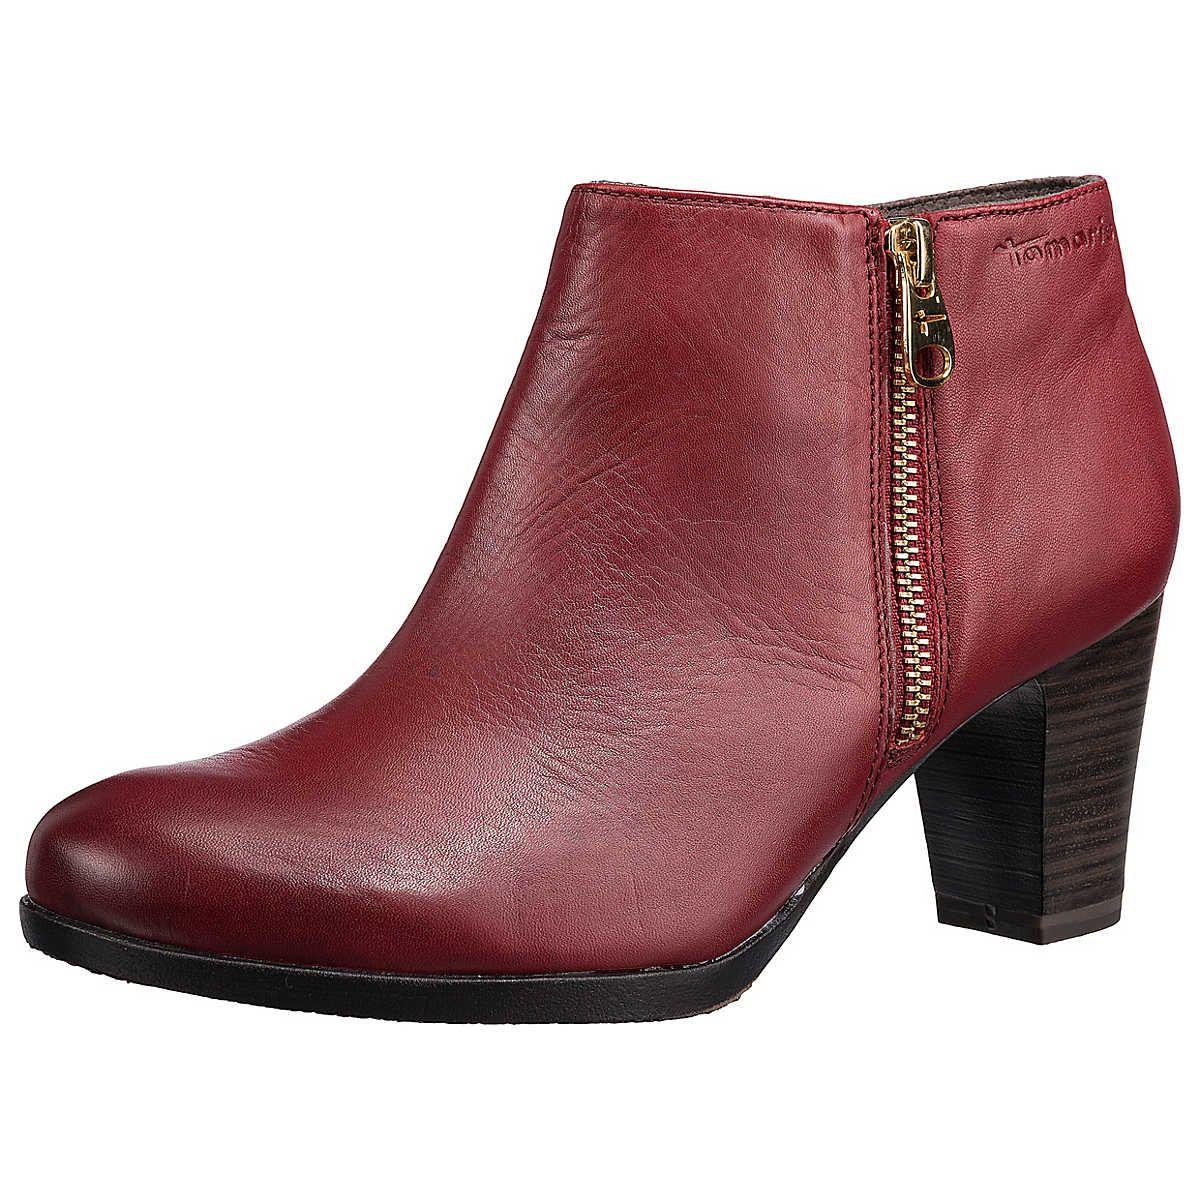 d0592e435bbd Tamaris Schuhe günstig online kaufen bei mirapodo ❤ ✓ Kauf auf Rechnung ✓  Schnelle Lieferung ✓ Kostenloser Rückversand ✓ PAYBACK Punkte sammeln.